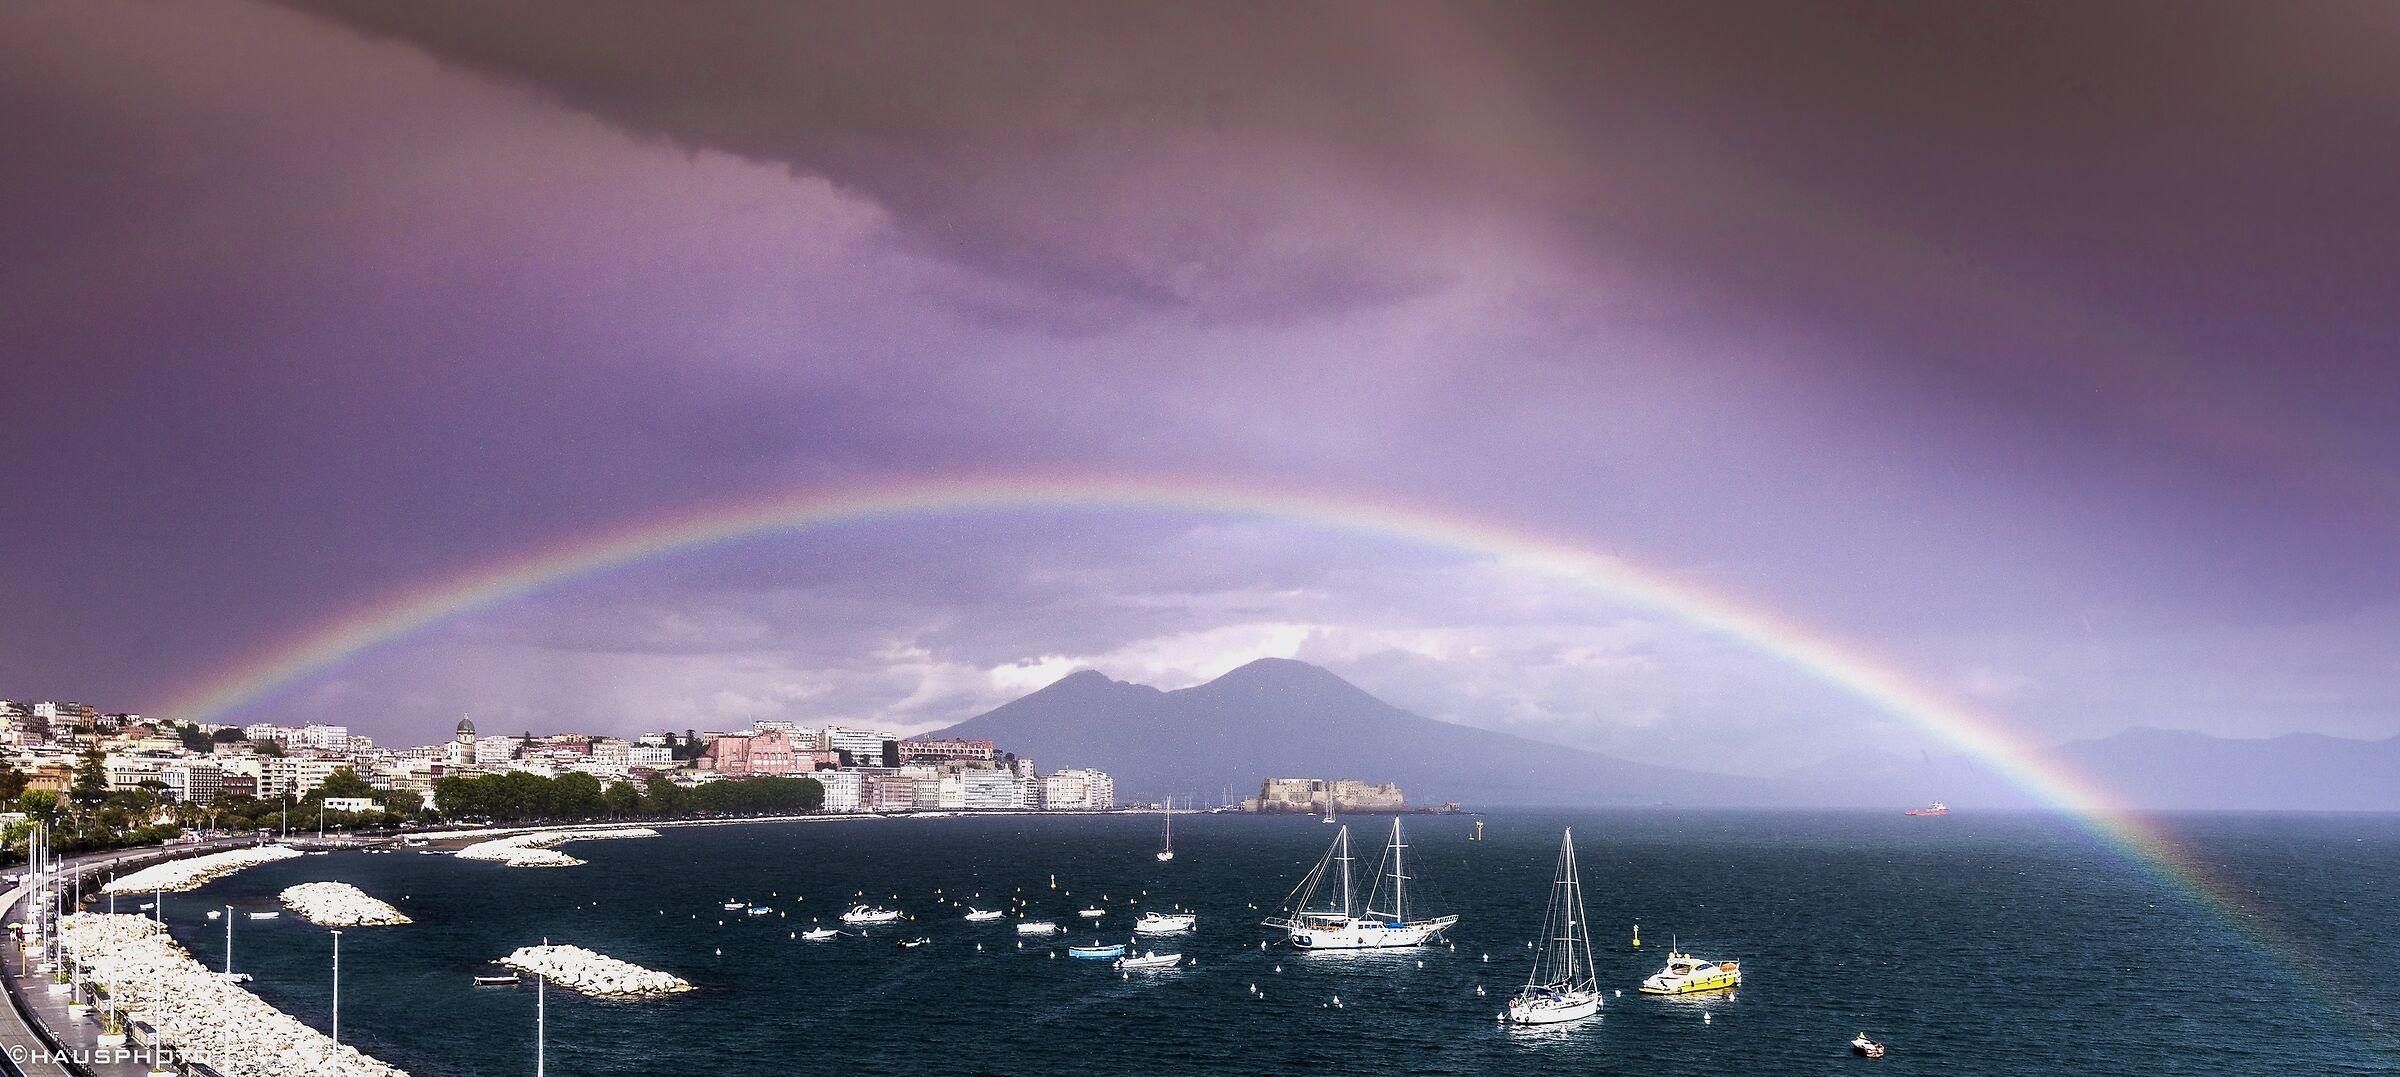 Somewere... Under the Rainbow...